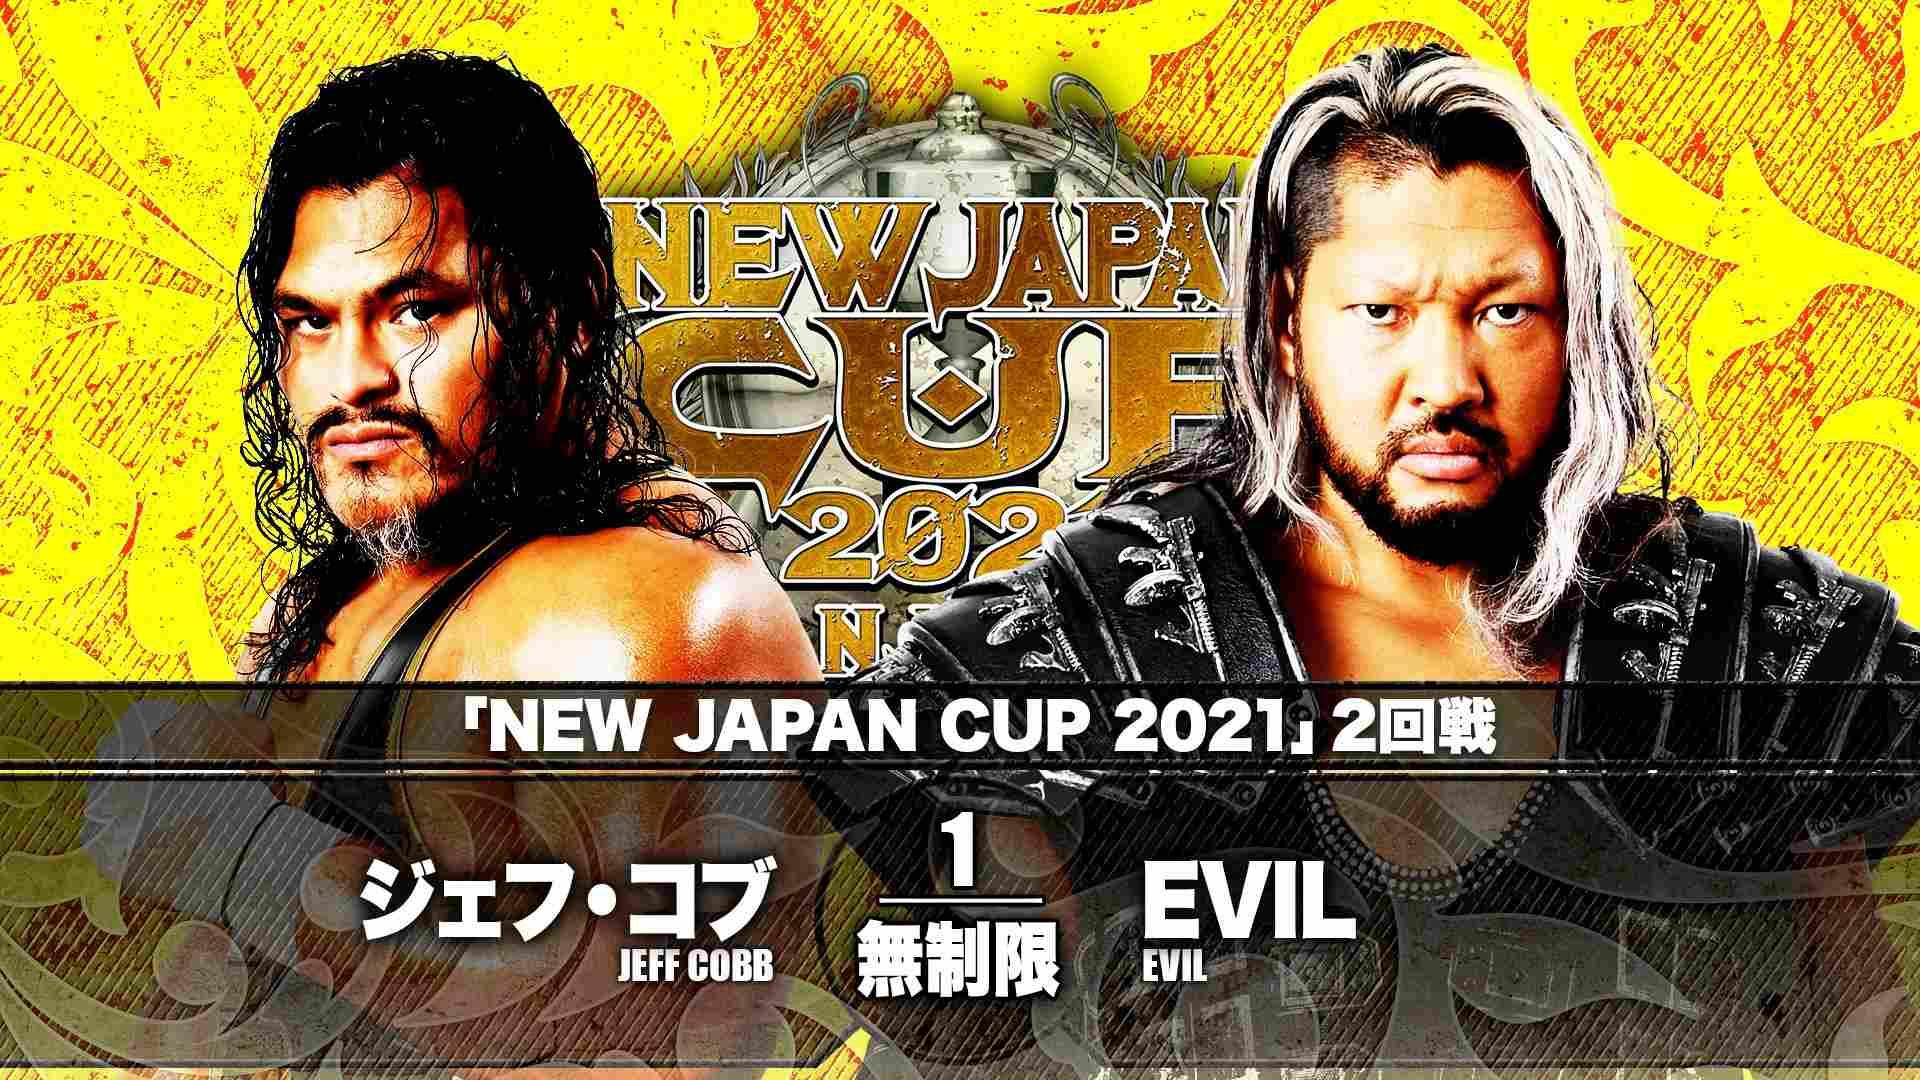 cobb vs evil nj cup 2021 compressed